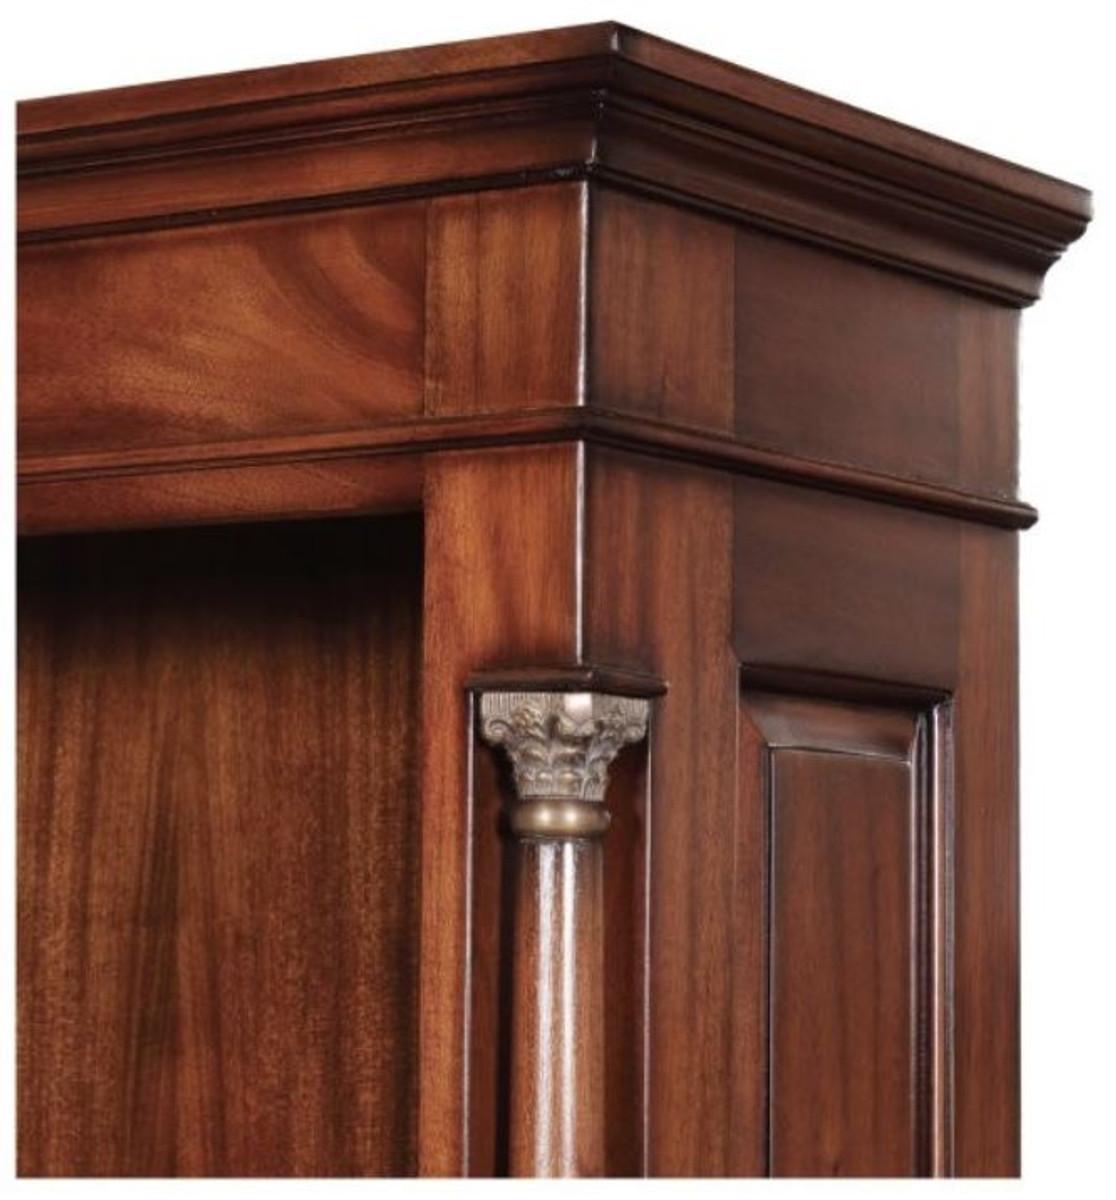 Casa Padrino Luxus Barockstil Bücherschrank / Regalschrank Braun 103 x 32 x H. 185,5 cm - Barock Wohnzimmermöbel 4